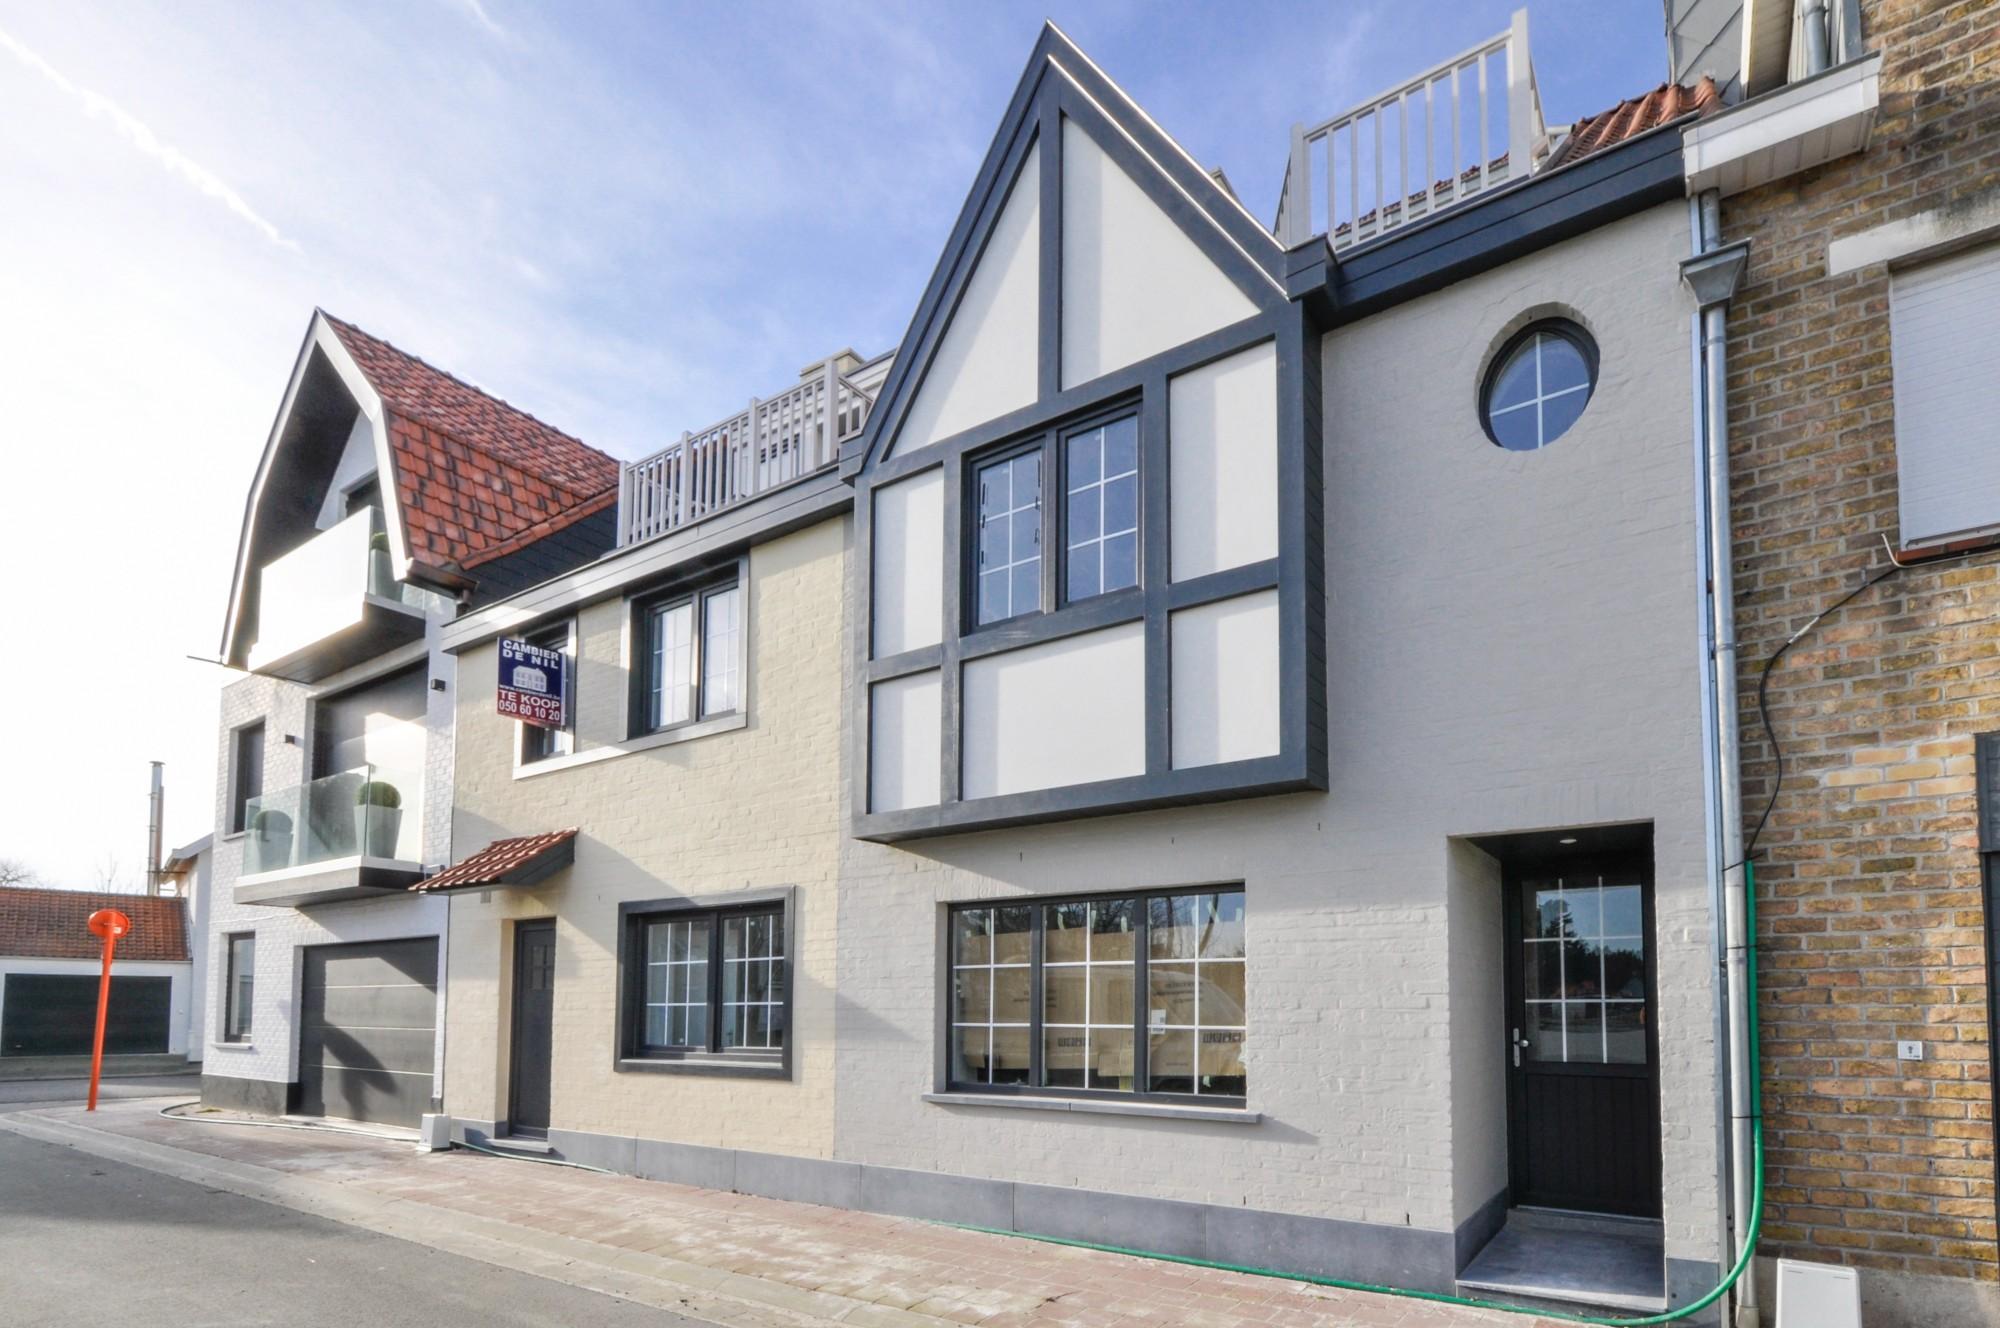 Te koop appartement 3 slaapkamers Knokke-Zoute Zeedijk garage terras ...